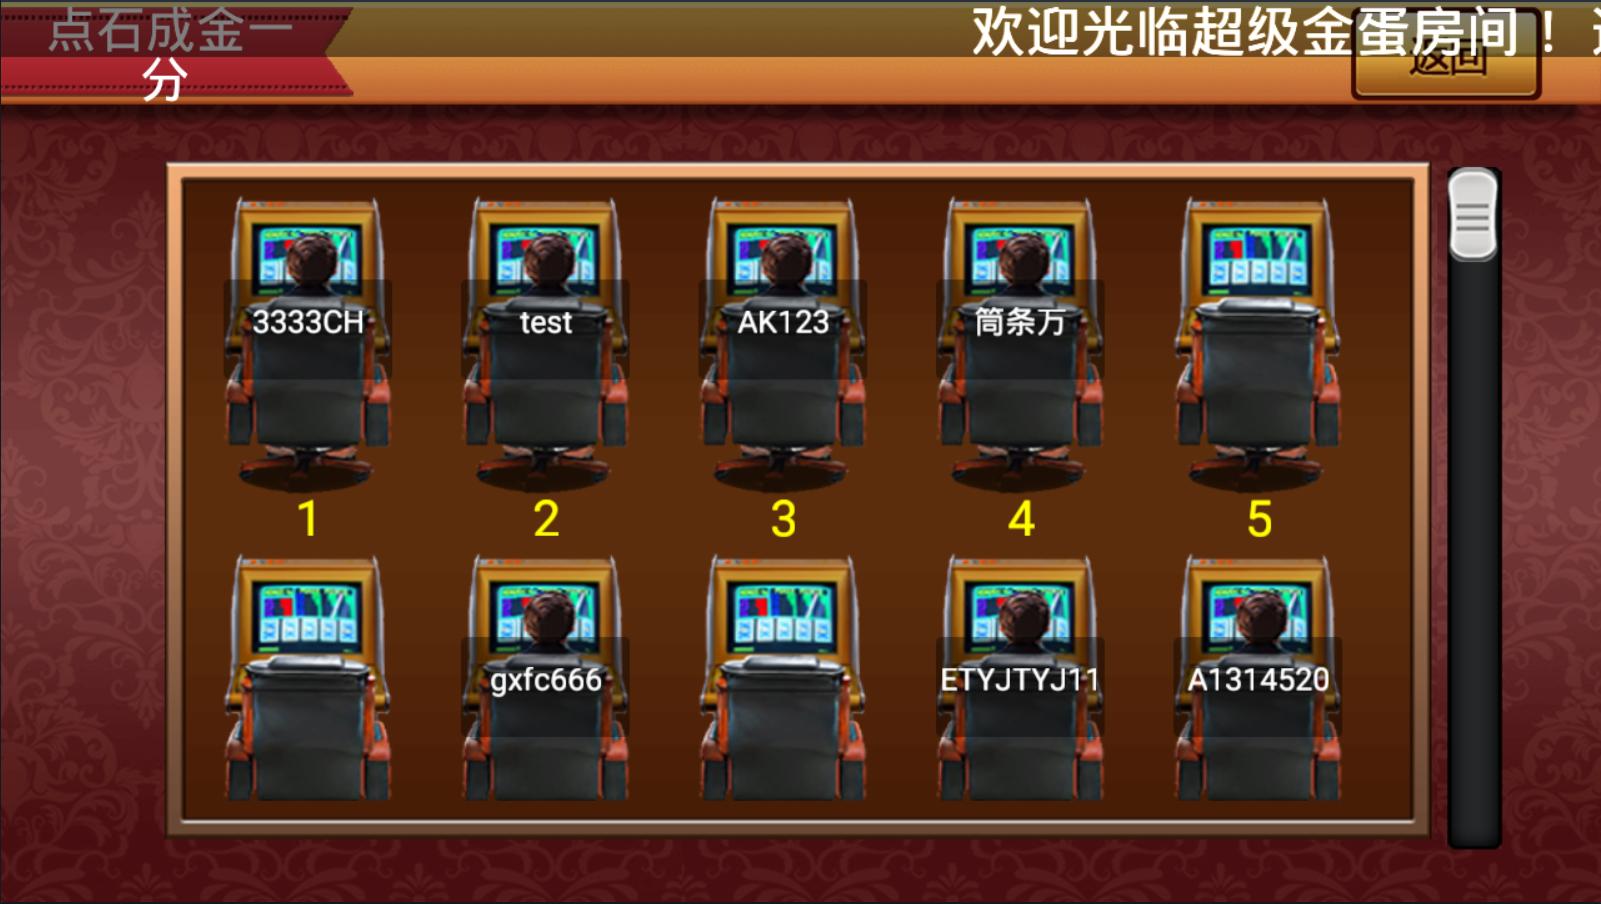 单款ATT翻牌机-JAVA版本运营级插图(3)